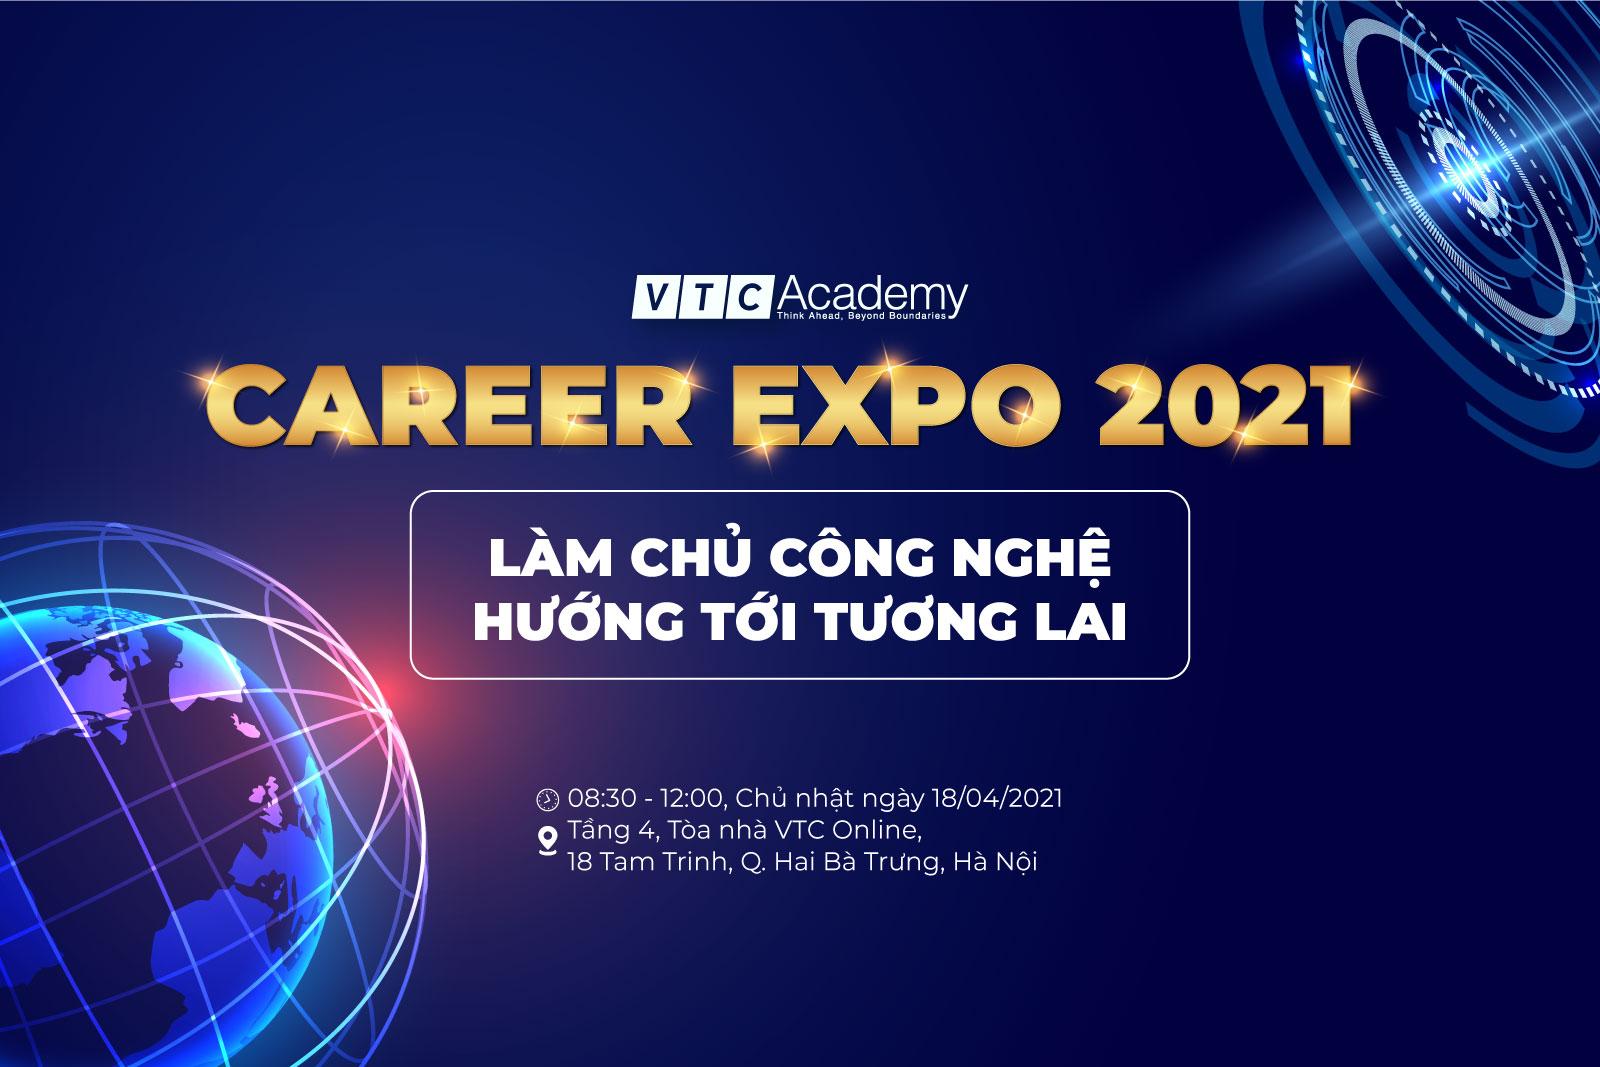 """Ngày hội tuyển dụng """"VTC Academy Career Expo 2021"""" tại Hà Nội"""